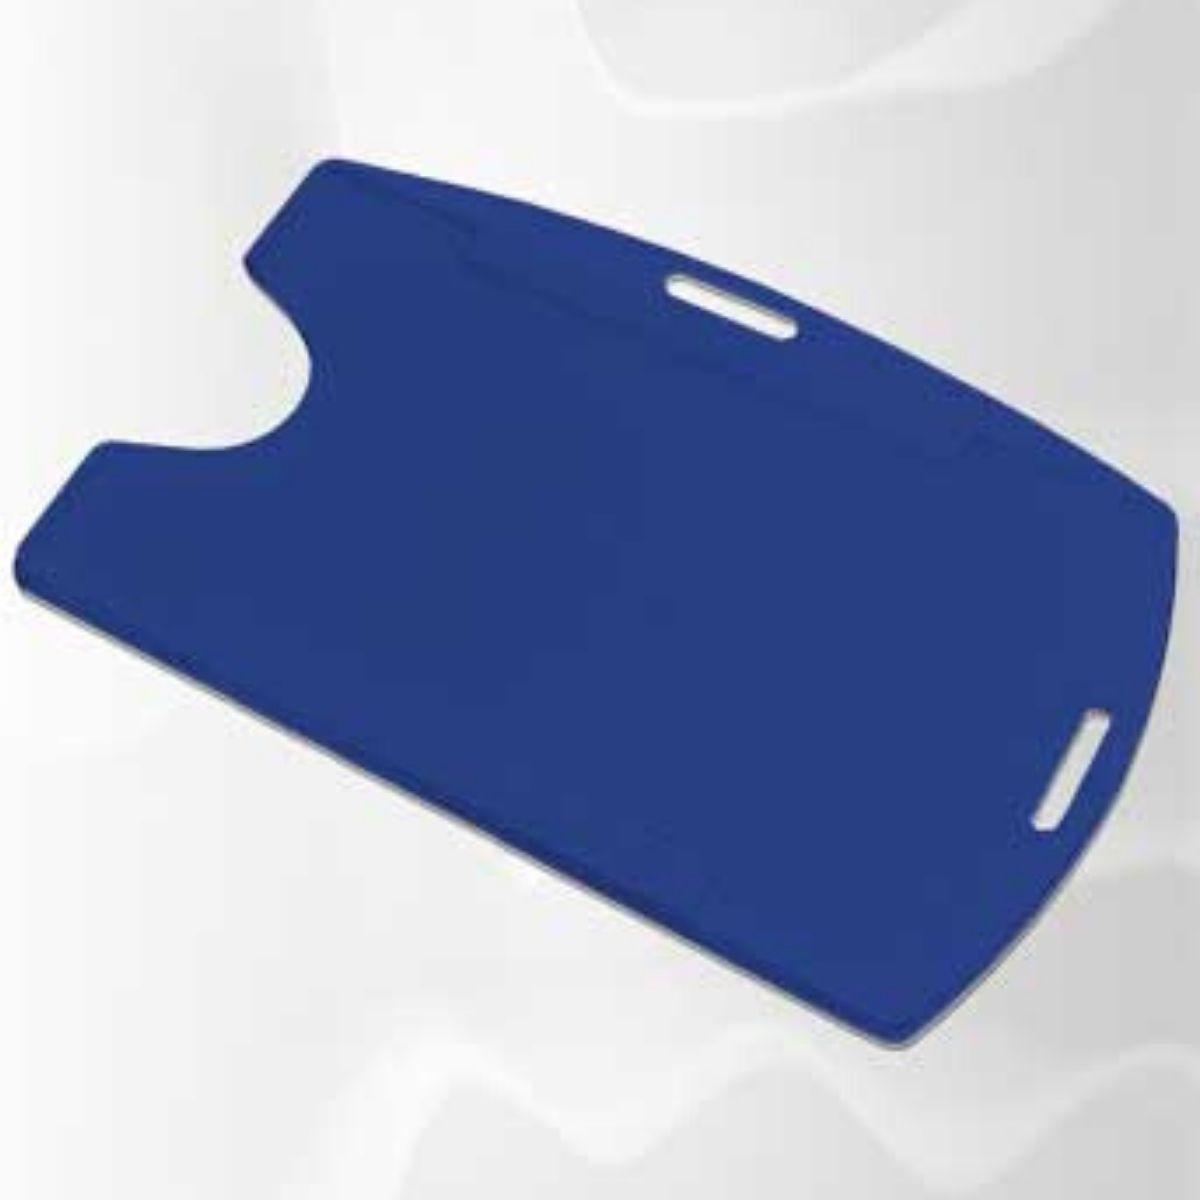 Porta Crachá Rígido M3 Conjugado Azul Royal - Caixa com 100 unidades  - Click Suprimentos